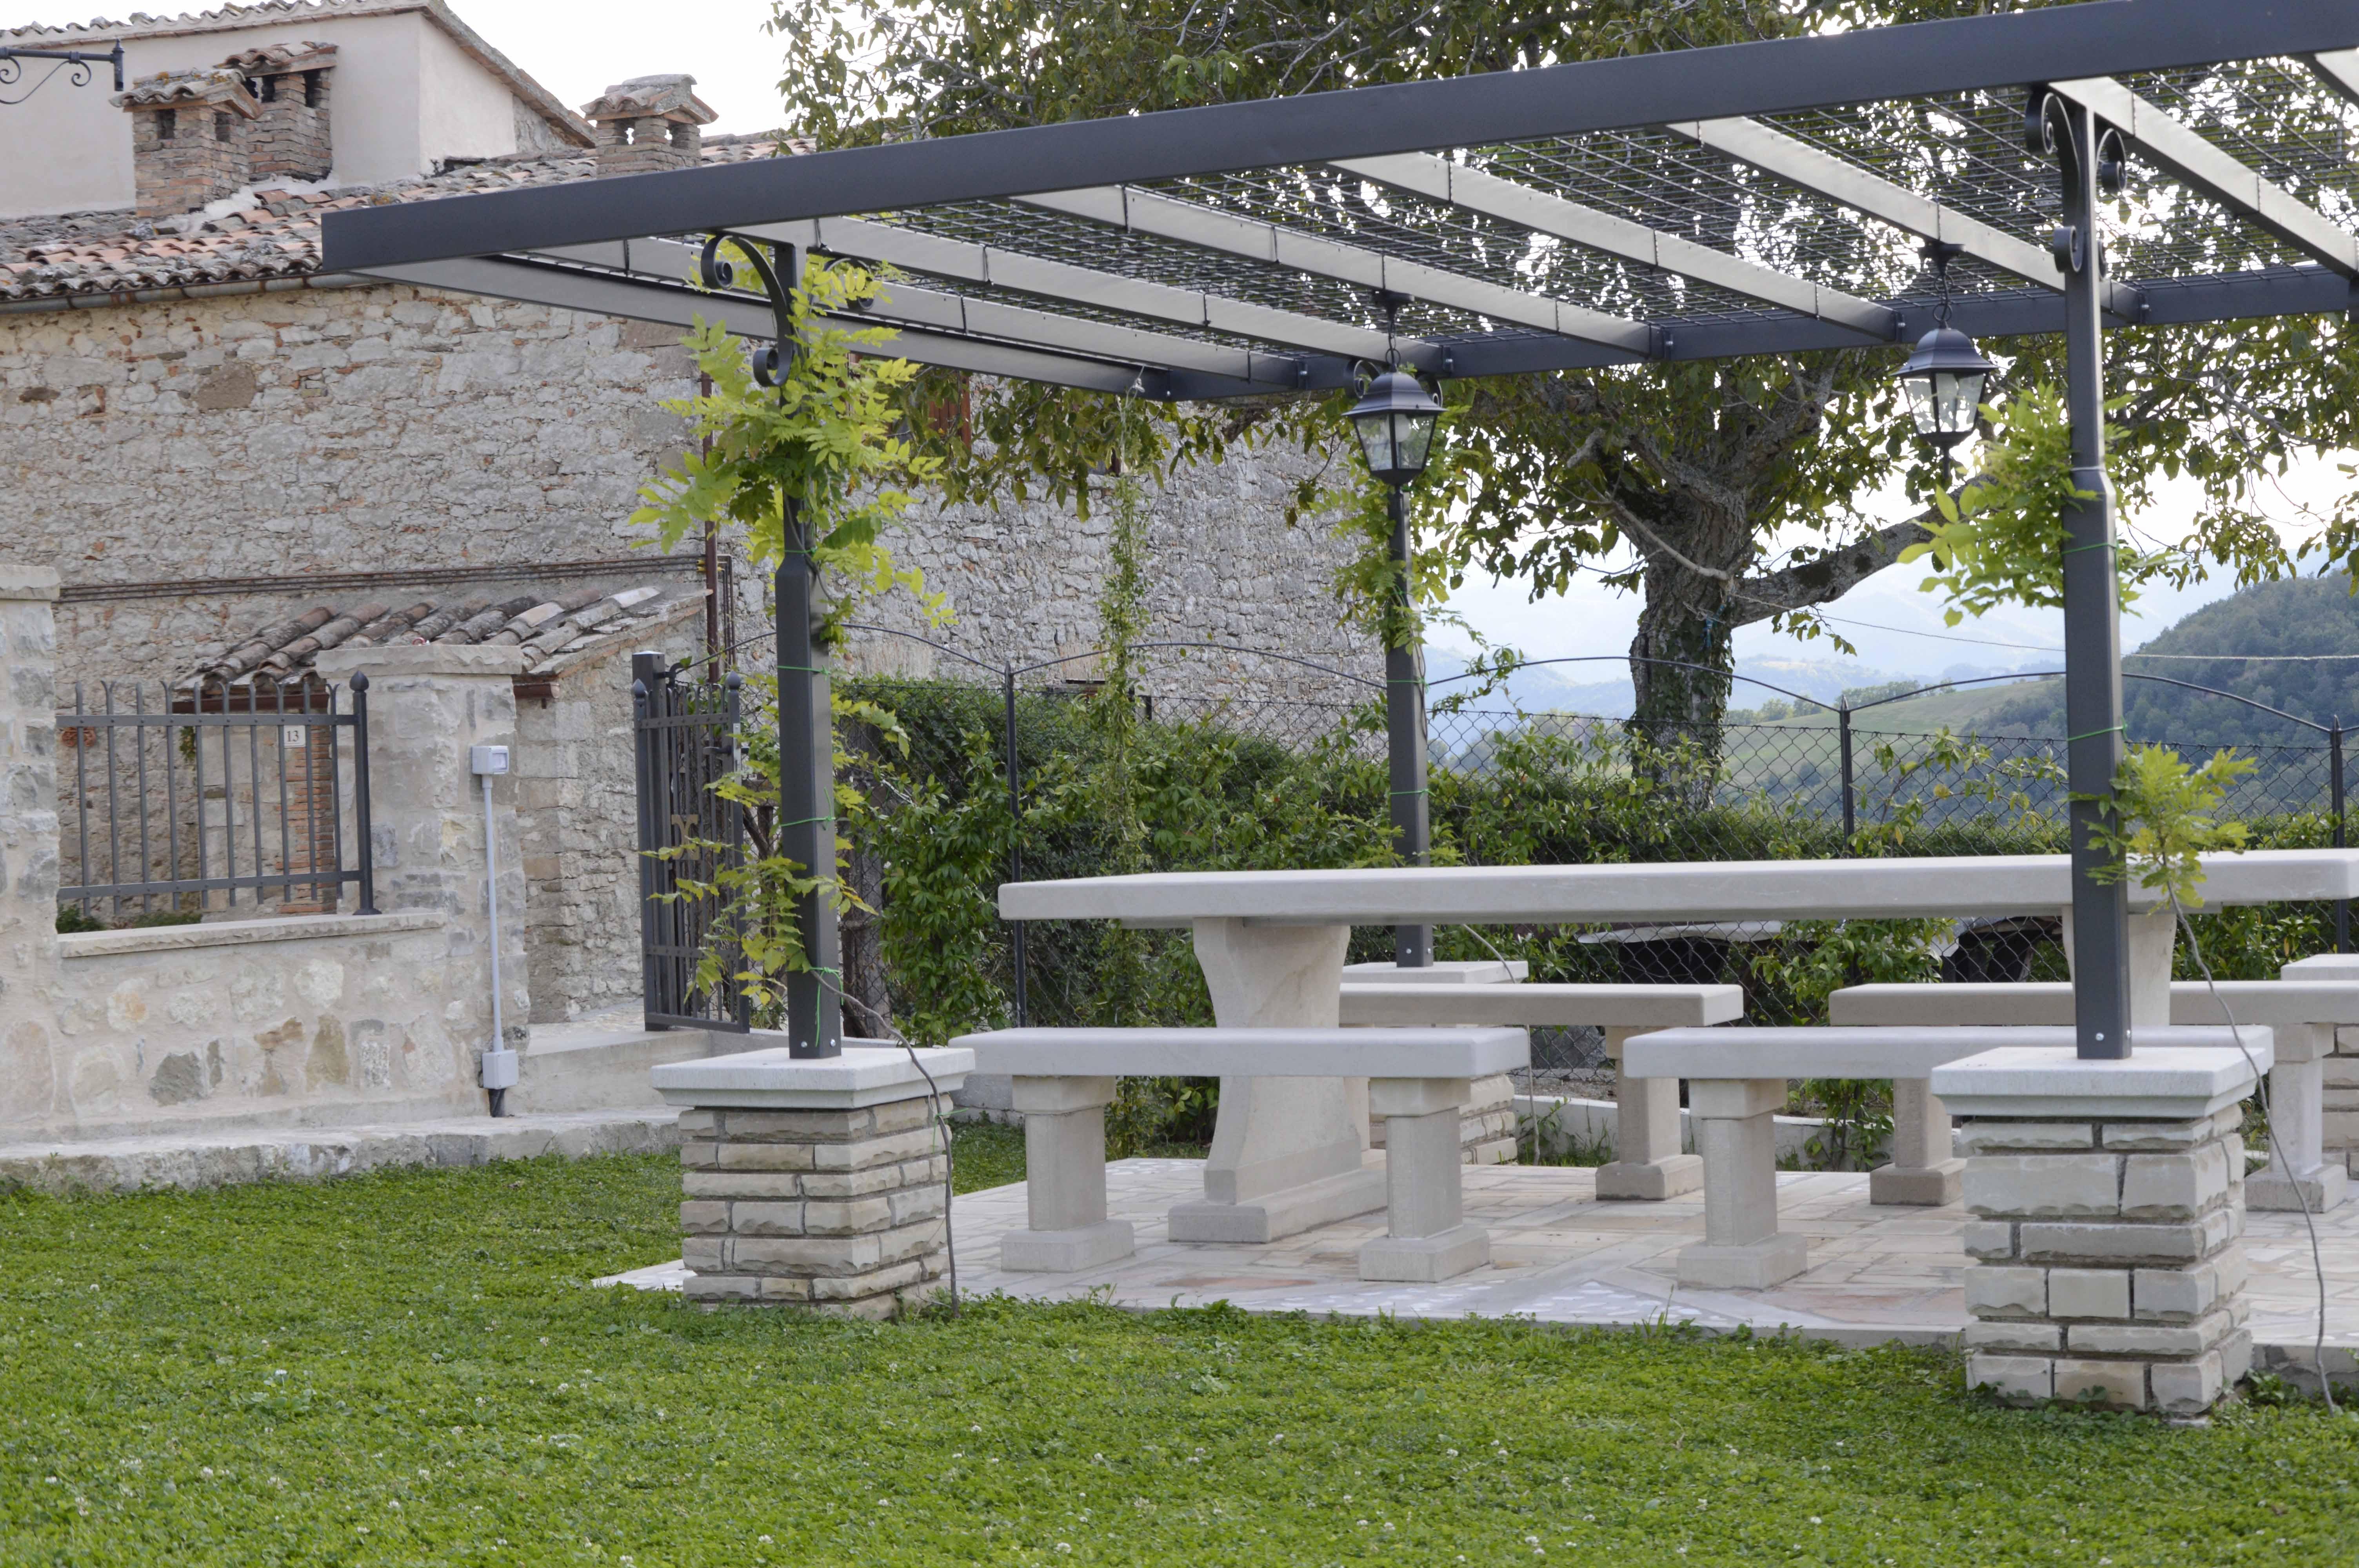 Pergolato giardino e recinto da giardino per bambini for Recinto cani leroy merlin